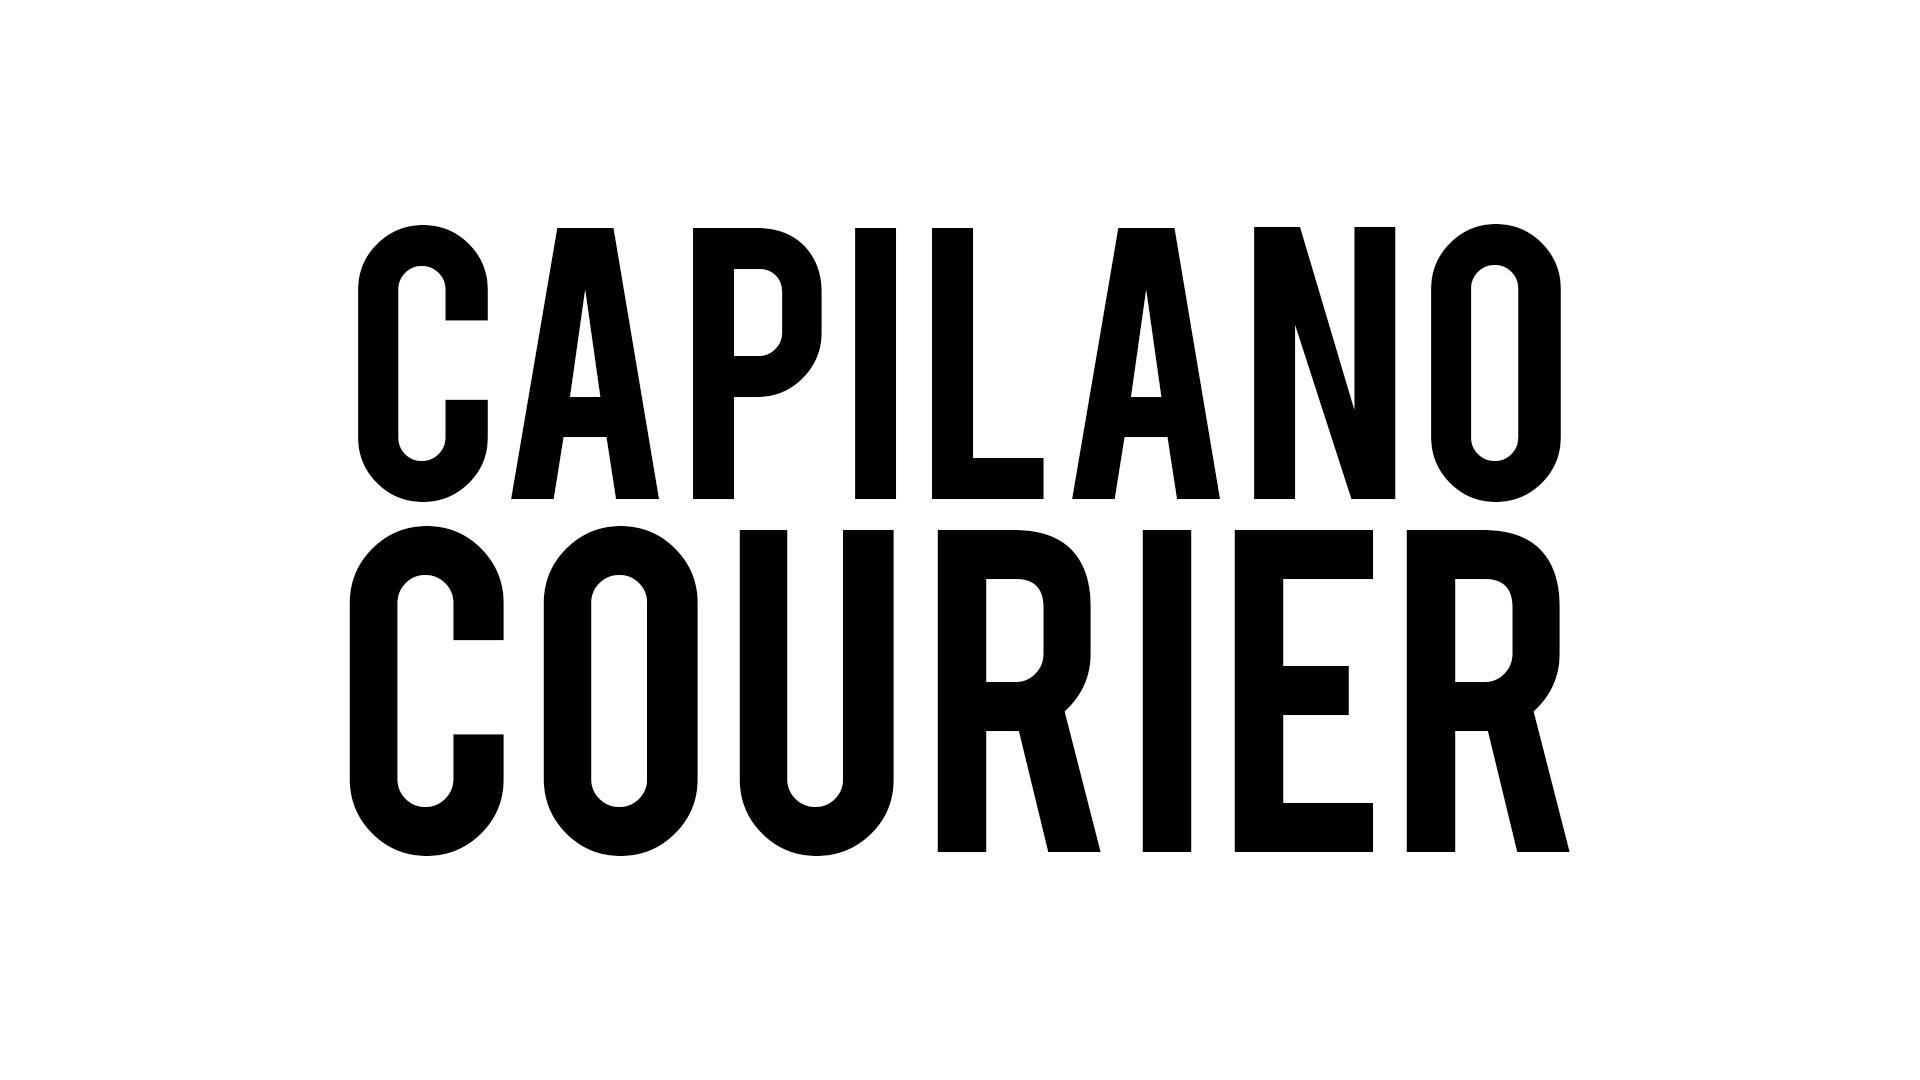 Capilano Courier